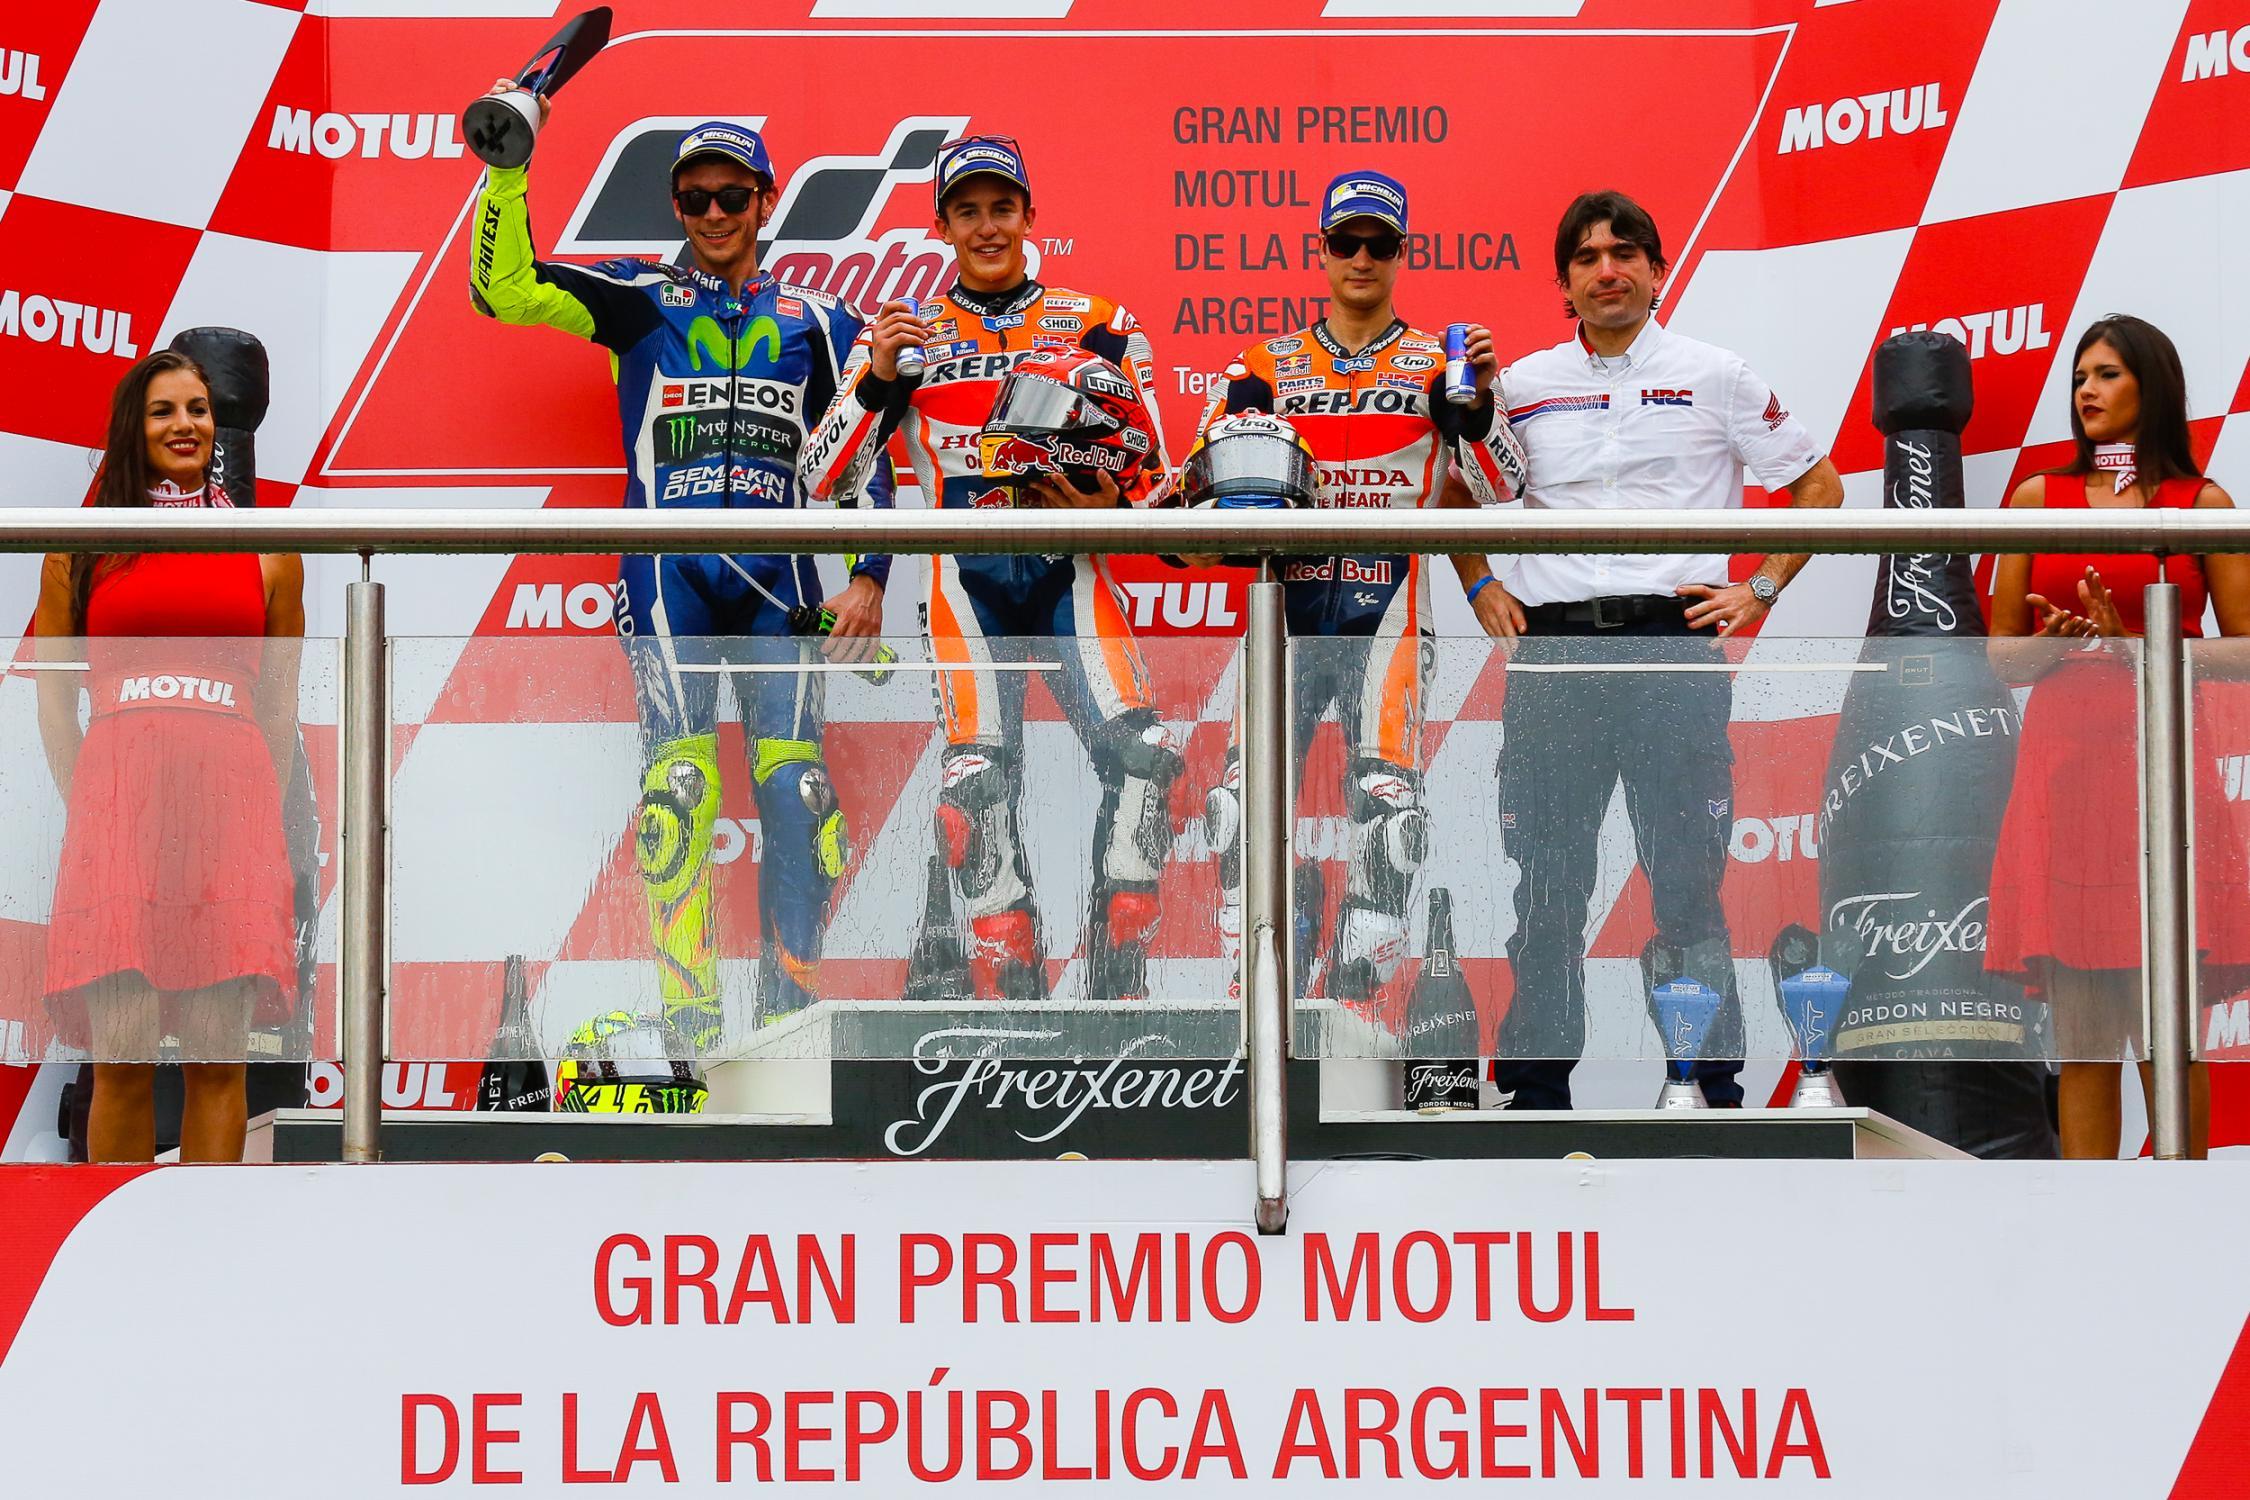 motogp argentine podium